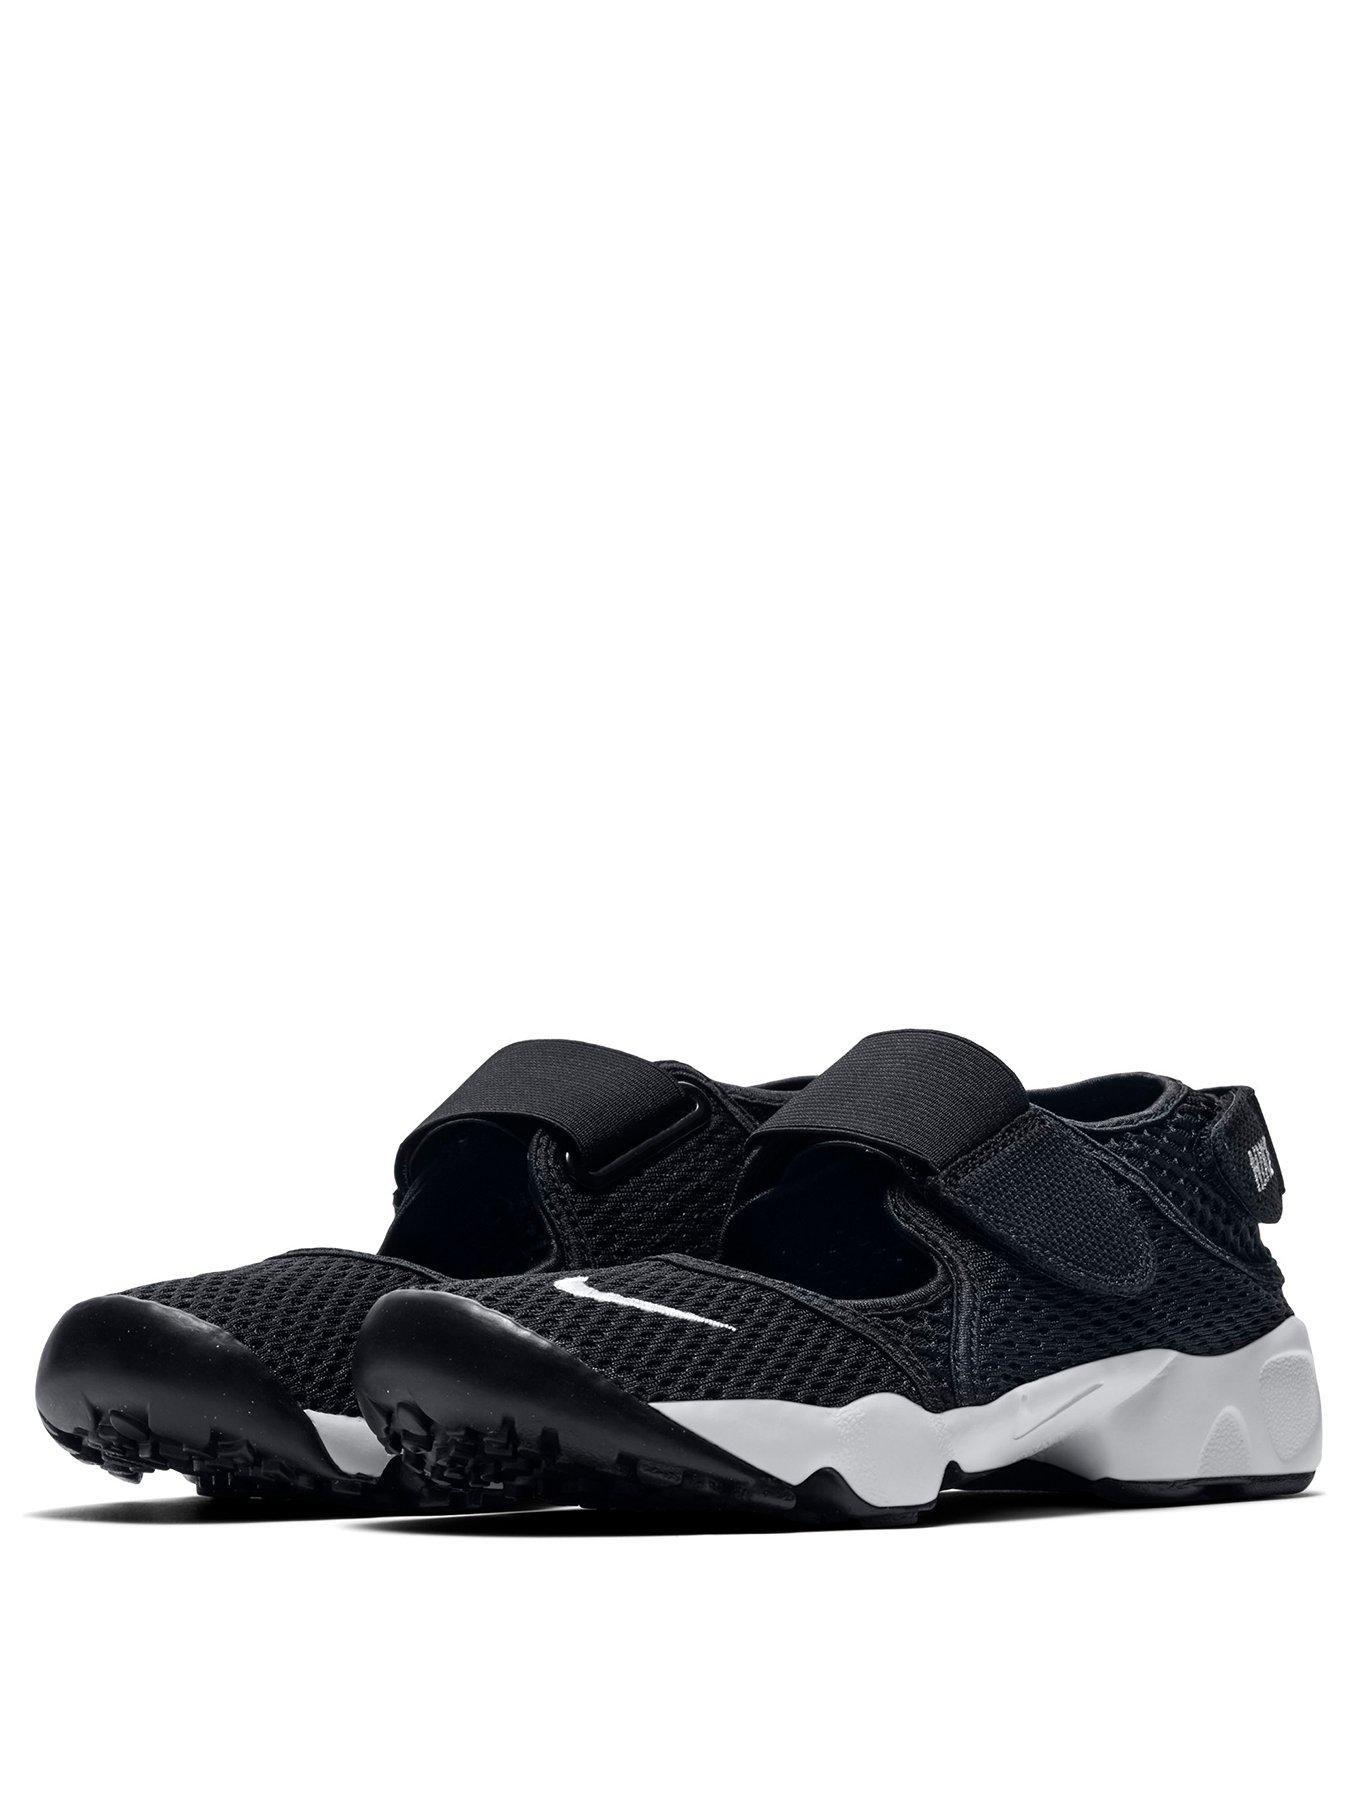 Rift Junior Sandals - Black/White in